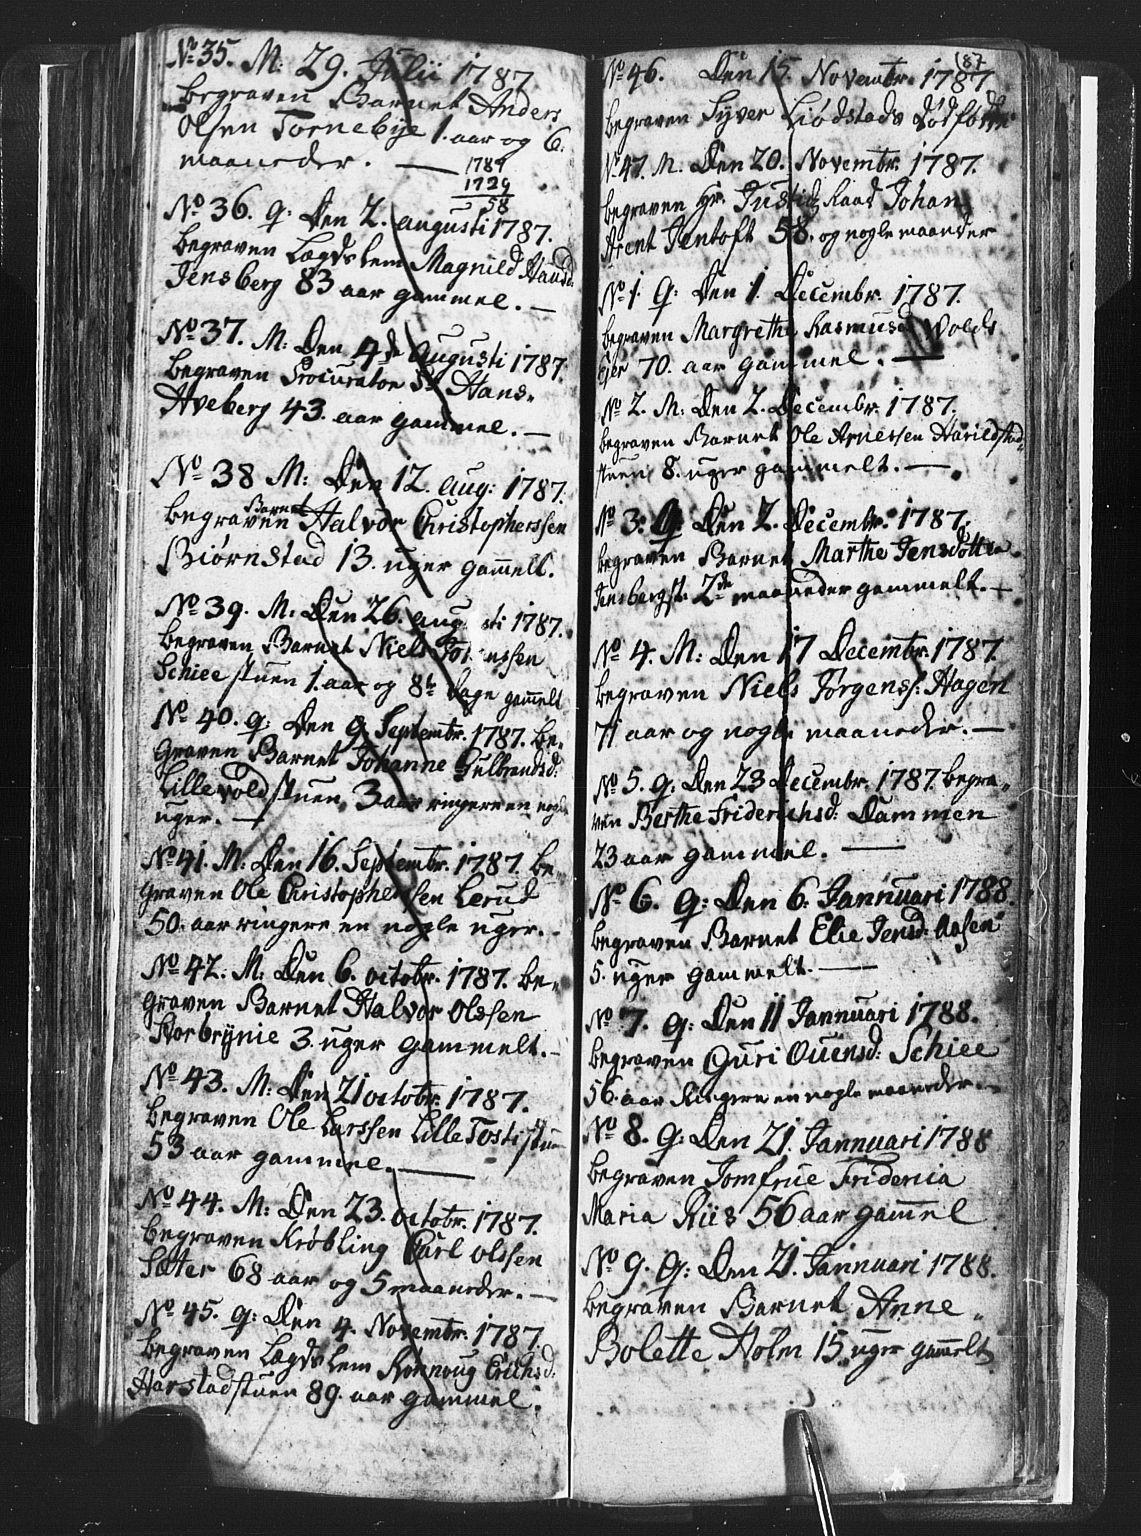 SAH, Romedal prestekontor, L/L0001: Klokkerbok nr. 1, 1785-1794, s. 87